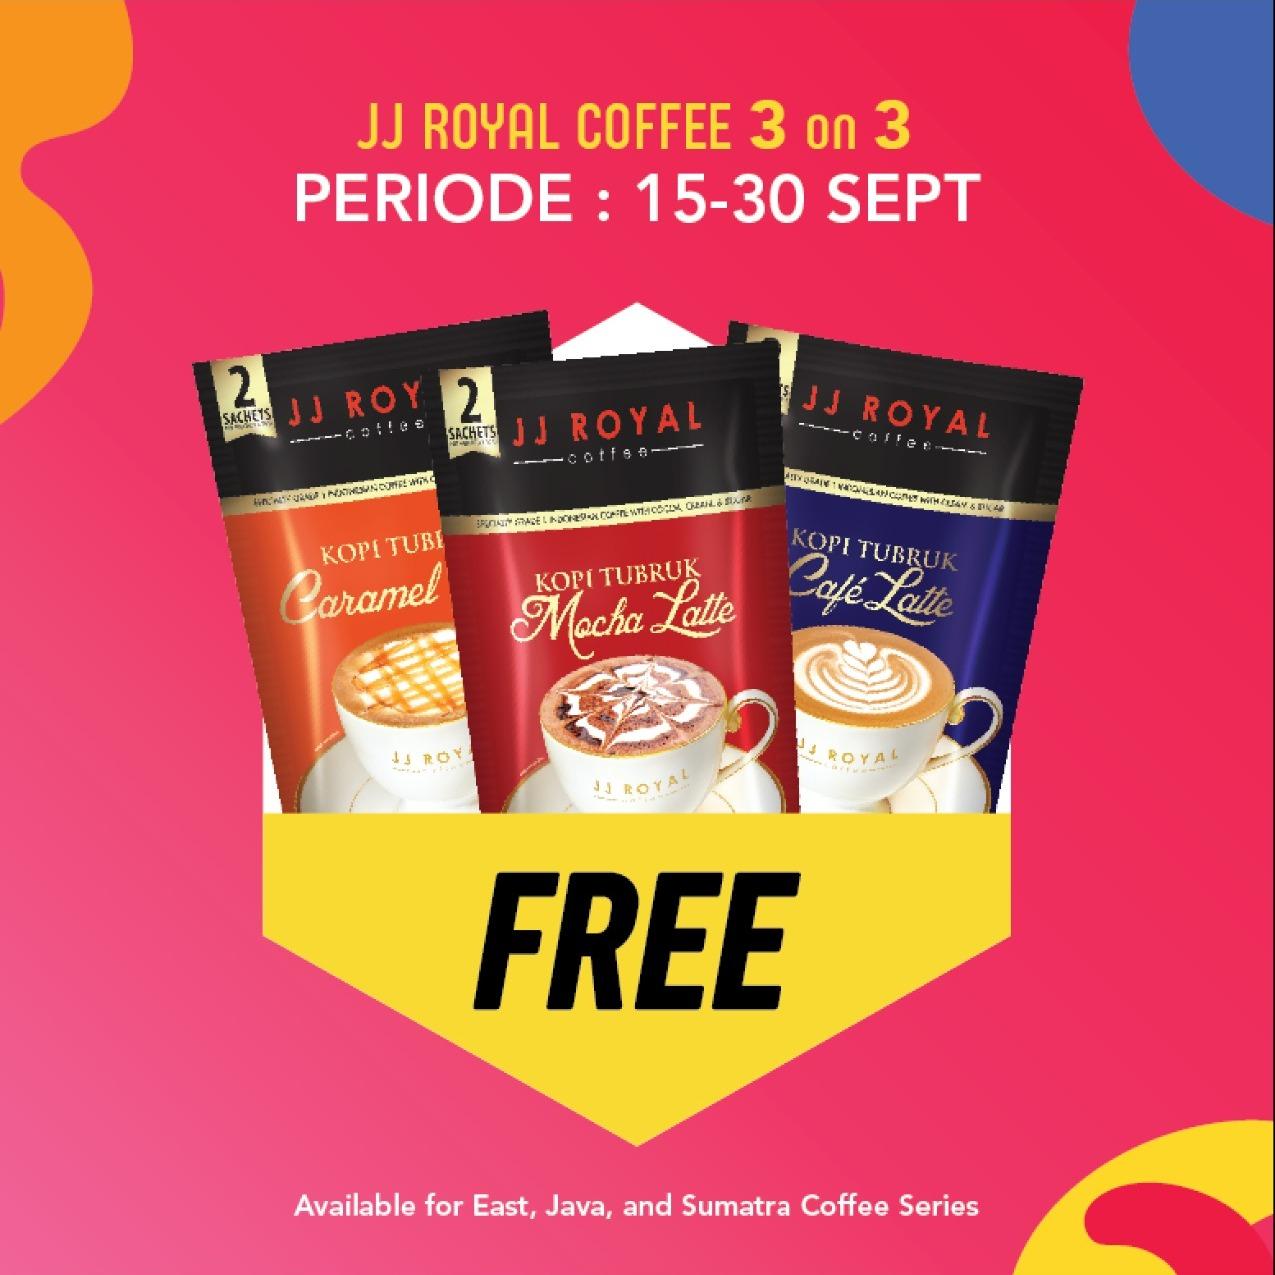 ... Lampung Robusta Ground Tin 200 Gr. Source · JJ Royal Coffee -. Source · biji kopi robusta 100gr